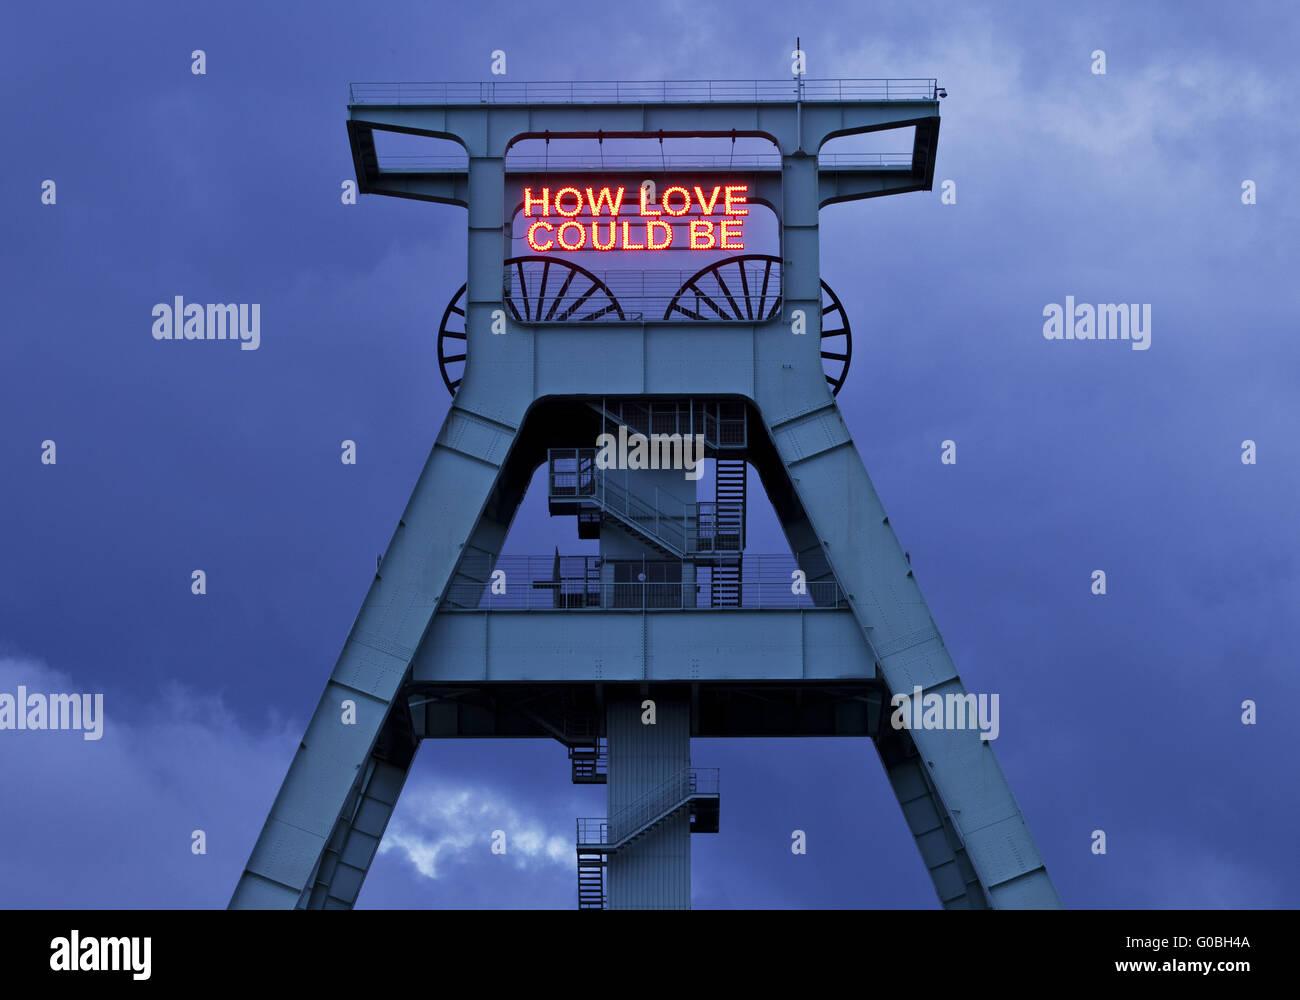 Beleuchtung wie Liebe sein könnte, Förderturm, Bochum Stockbild